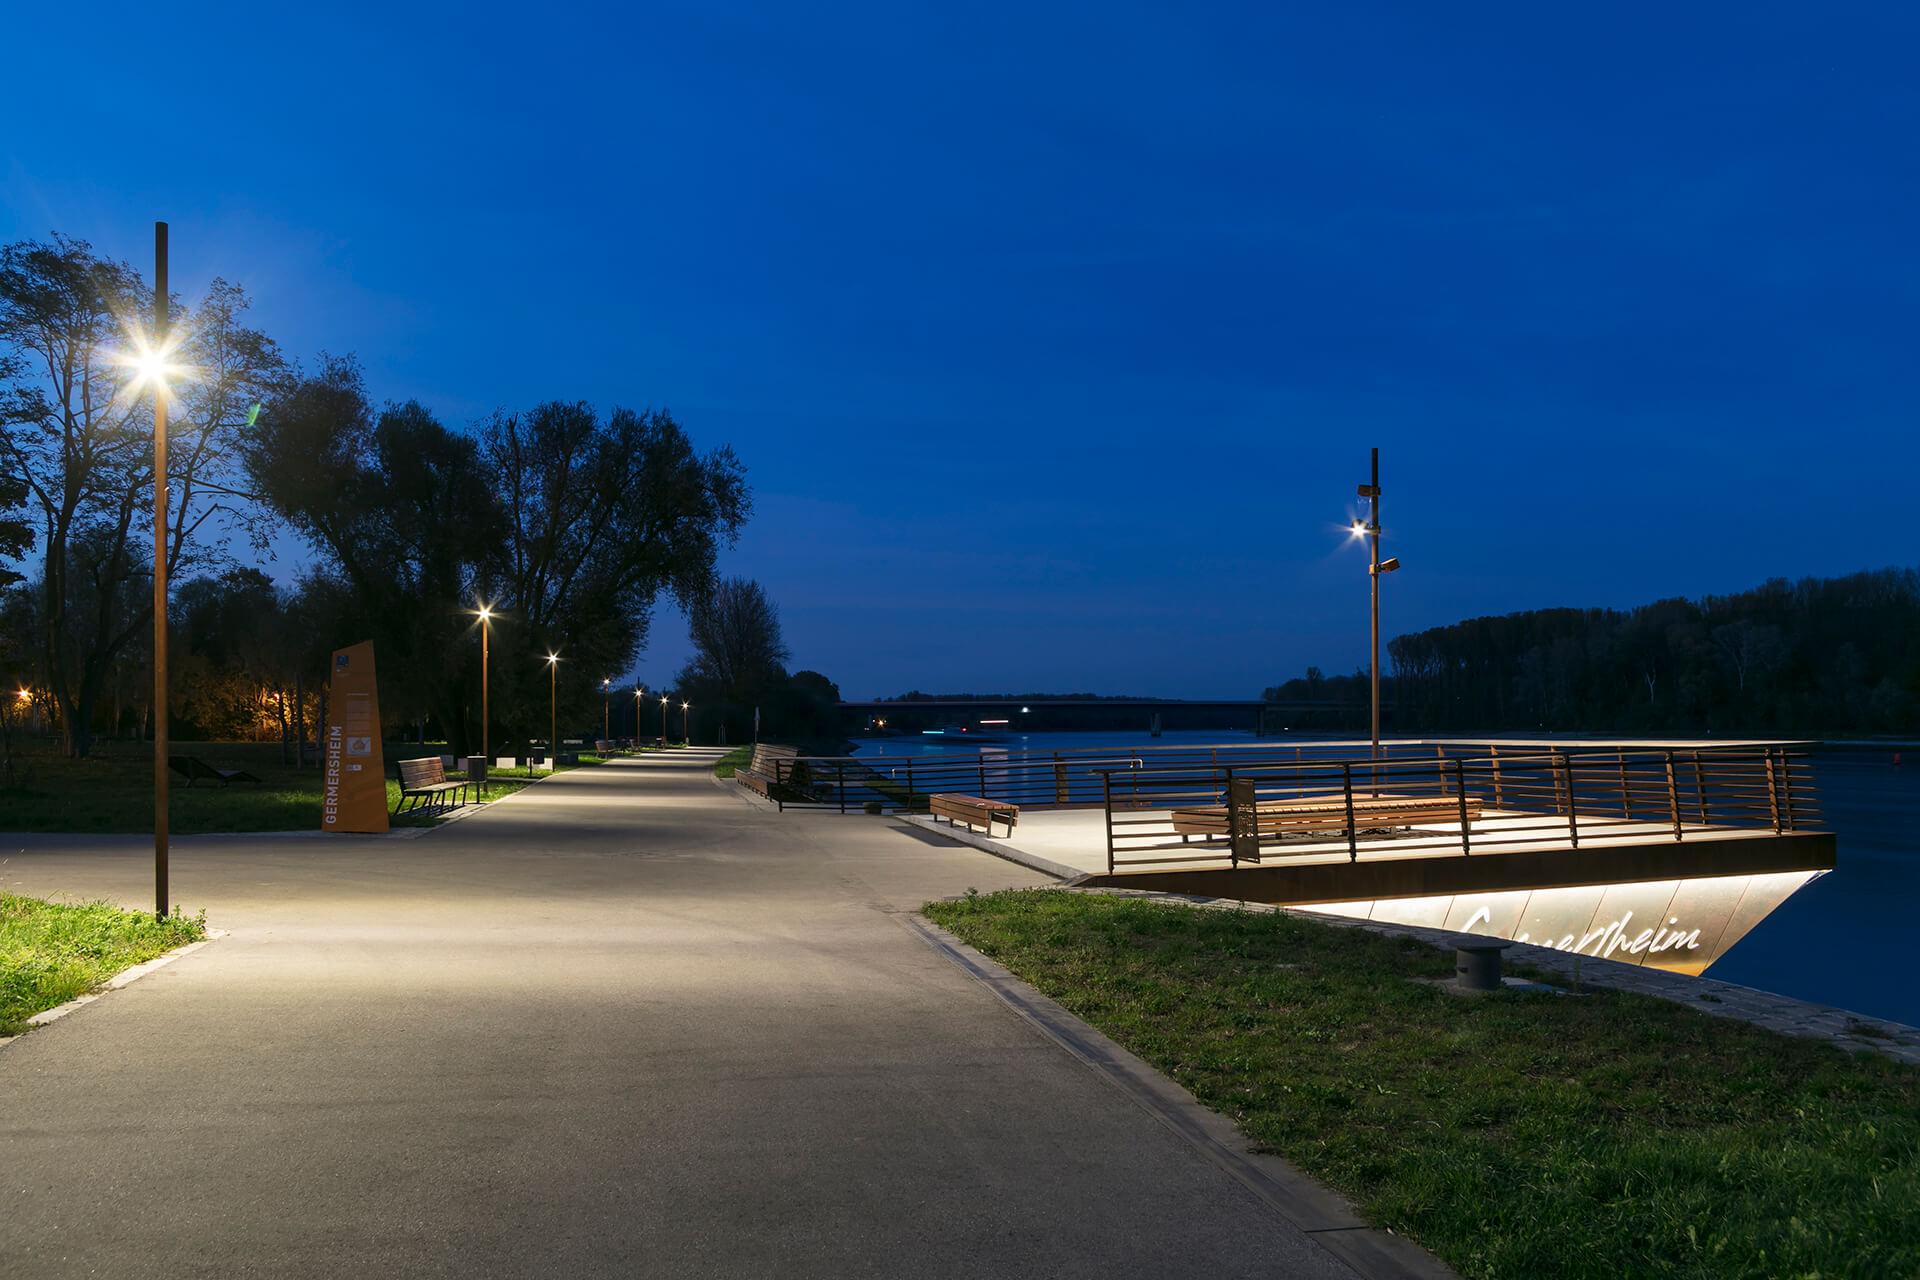 Rheinpromenade Germersheim